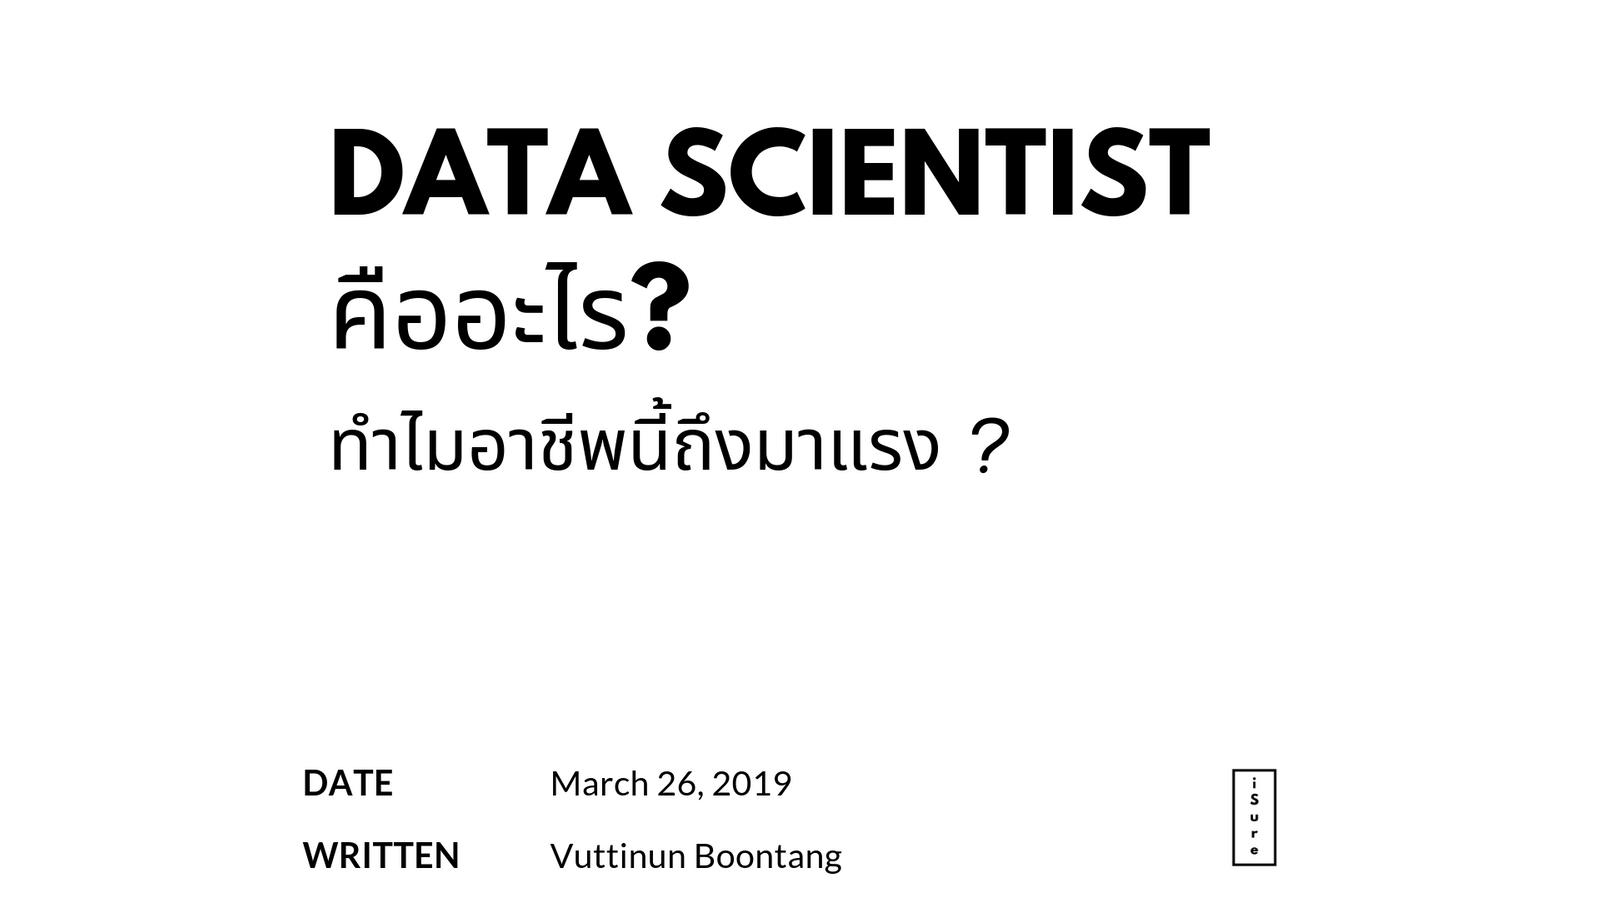 Data Scientist คืออะไร?